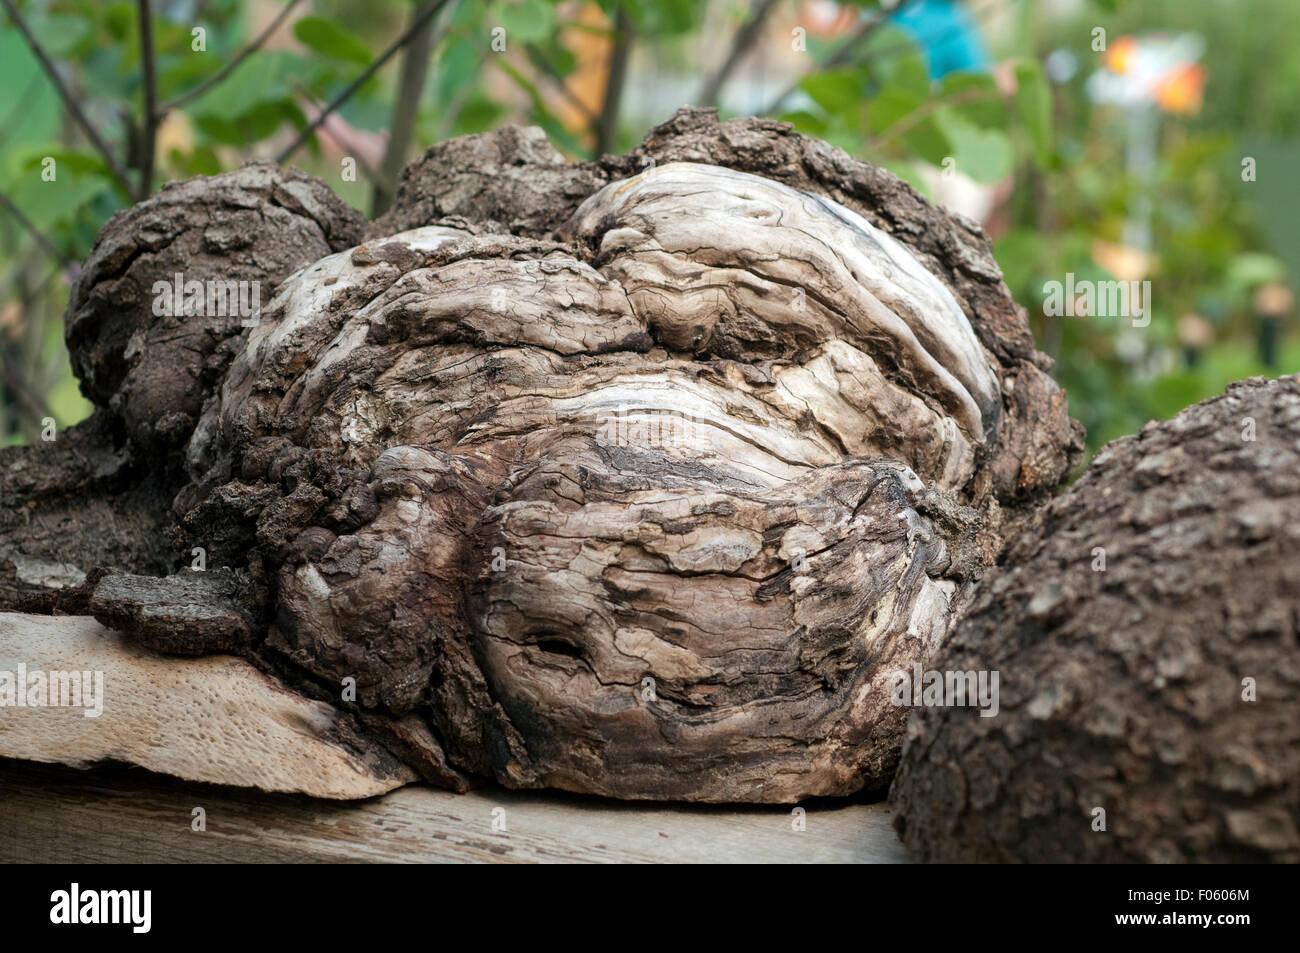 Baumwurzel - Stock Image